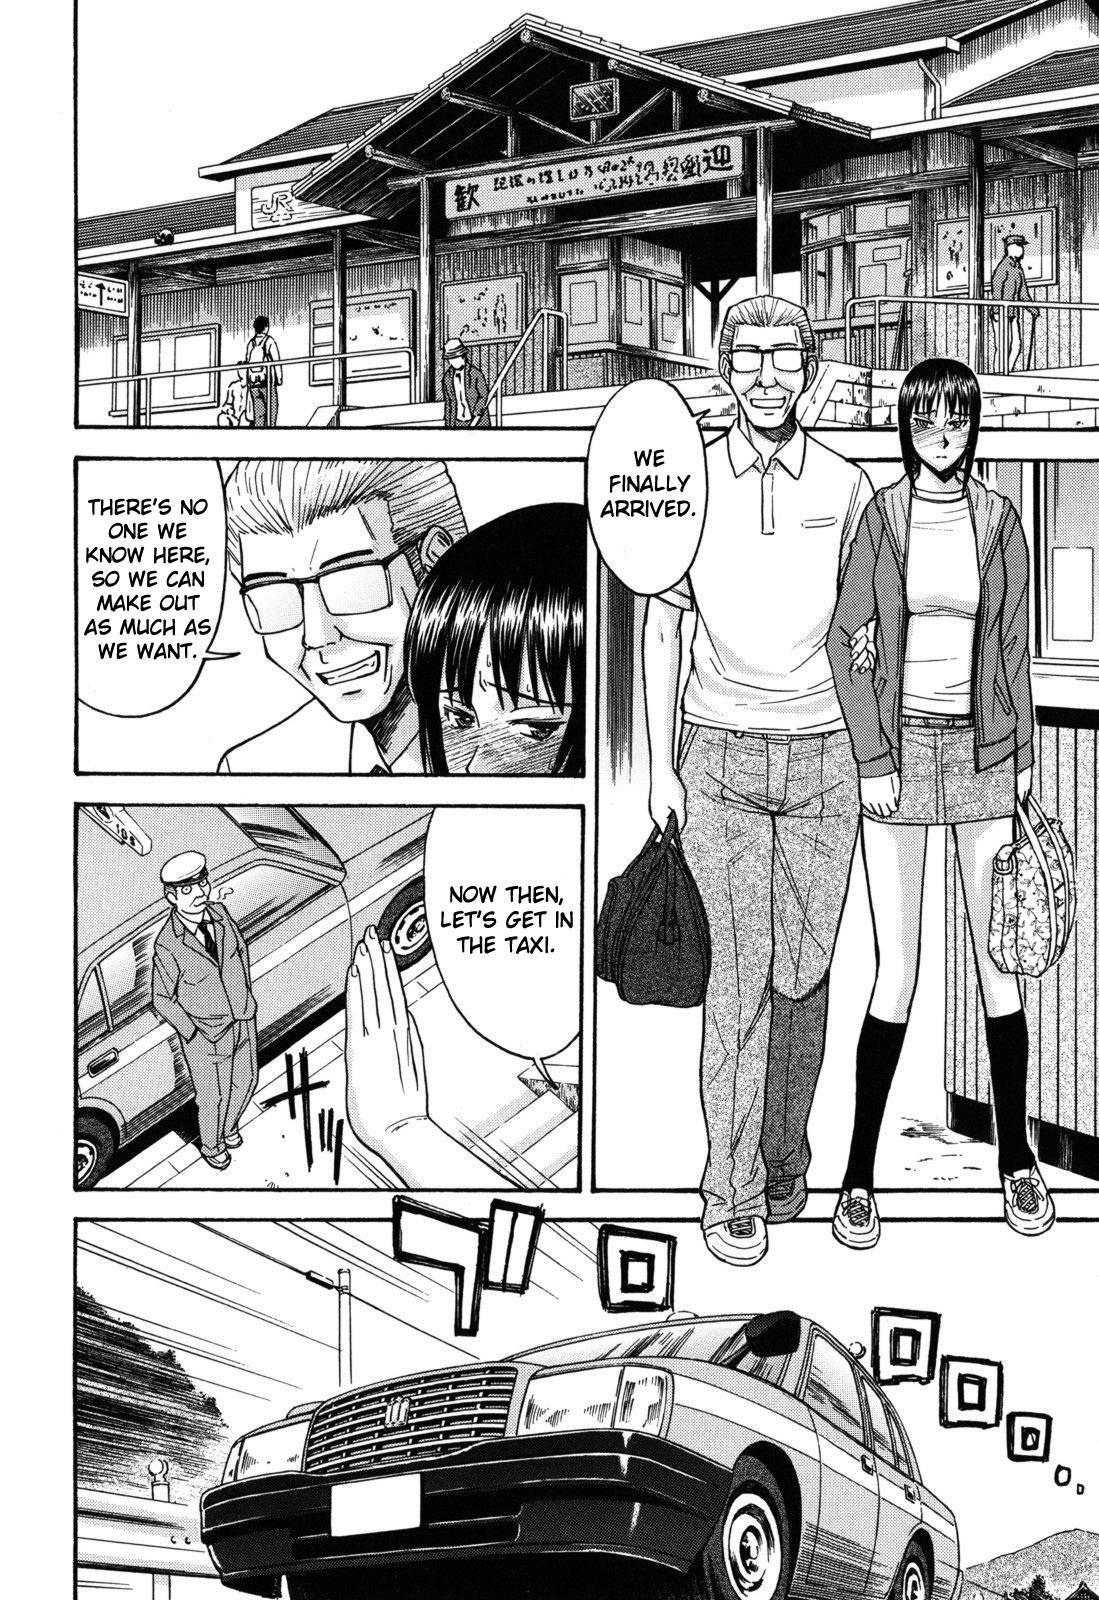 [Inomaru] Hanabira Seito Kaichou Bangaihen ~Kouchou Sensei Saikou no Ichinichi~ | Camellia - Student Council President Hanahira Side Story: Principal-sensei's Best Day Ever [English] {Rookie84} 7